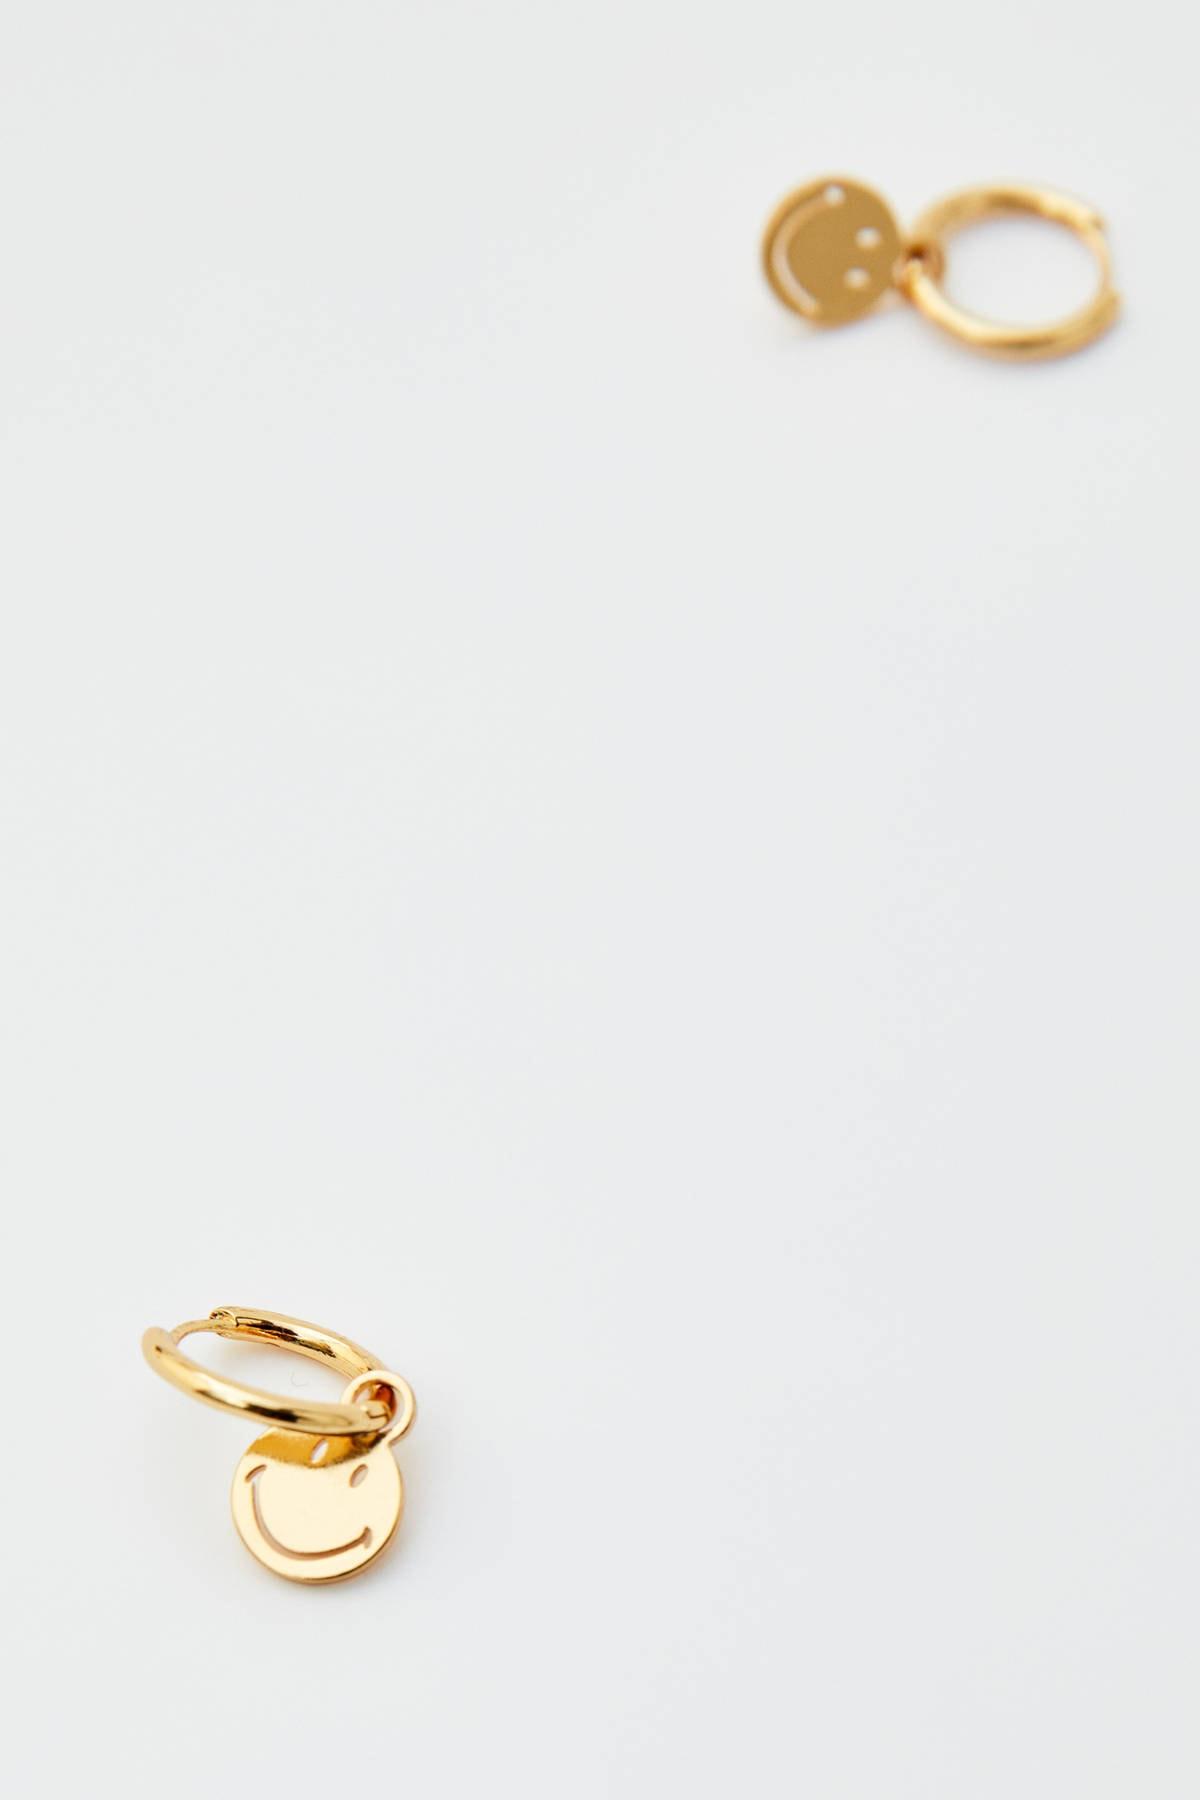 Pull & Bear Kadın Altın Rengi Altın Kaplama Smiley Küpe 05992316 2